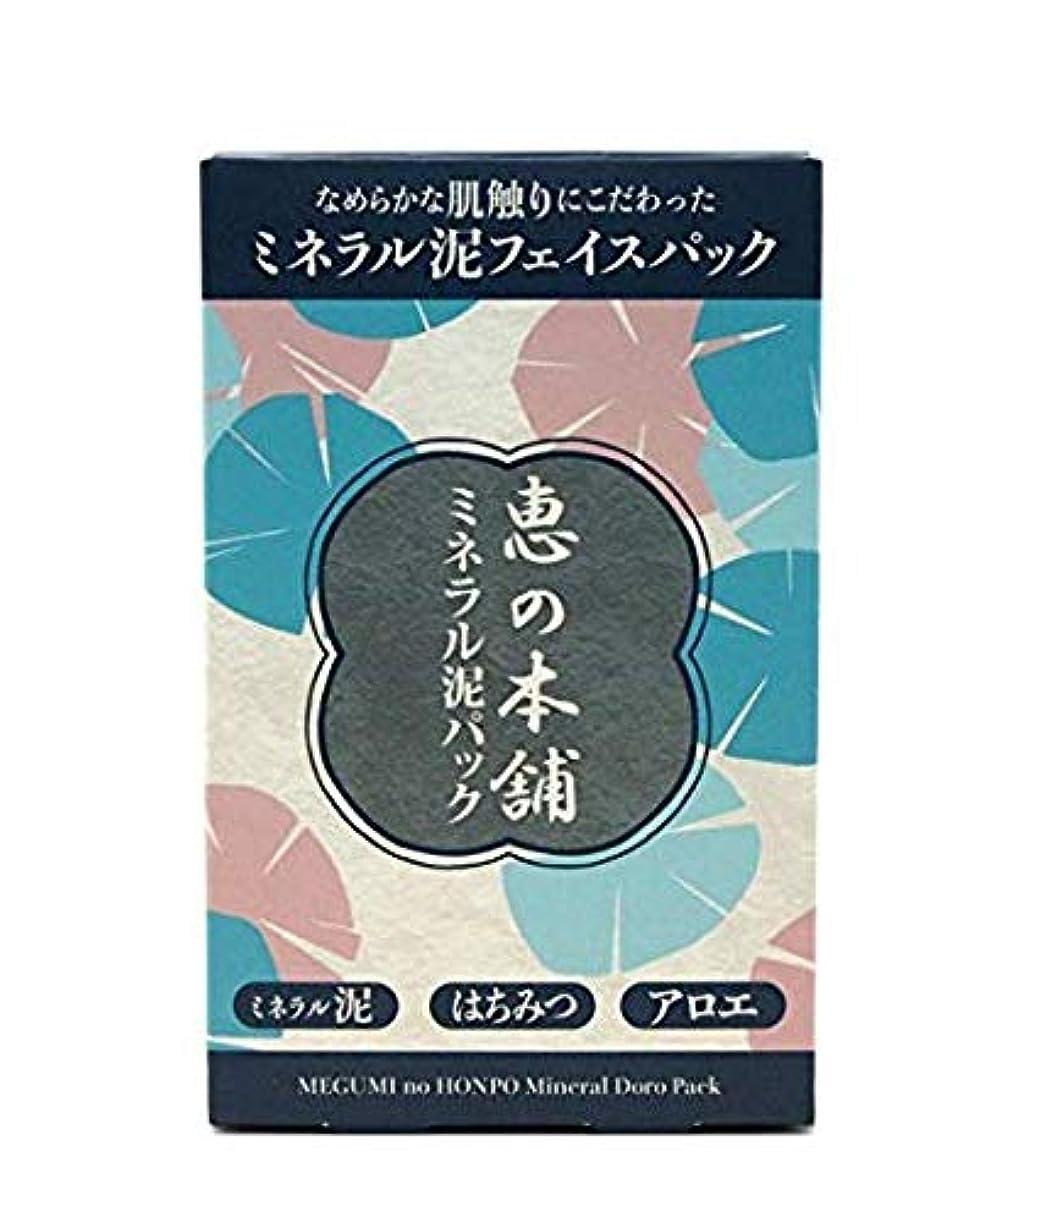 エチケット息子タイピスト【10個セット】恵の本舗 ミネラル泥パック 100g